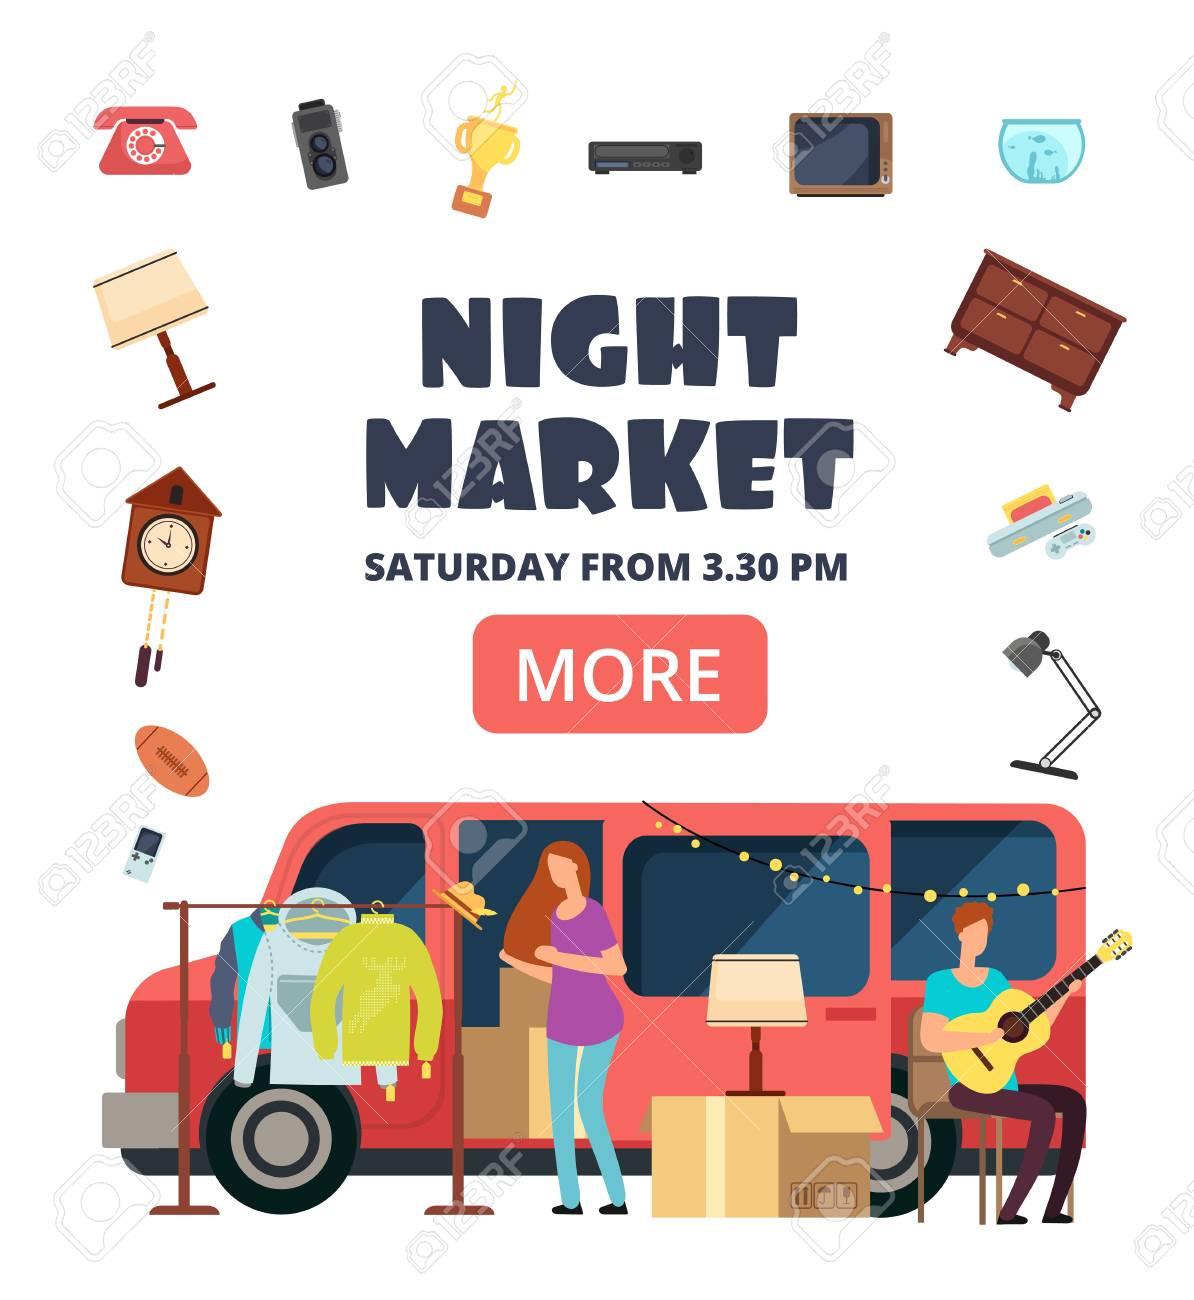 Night market, street bazaar invitation poster. Flea markets vector flyer. Flea market for hipster, marketplace selling illustration - 110271058